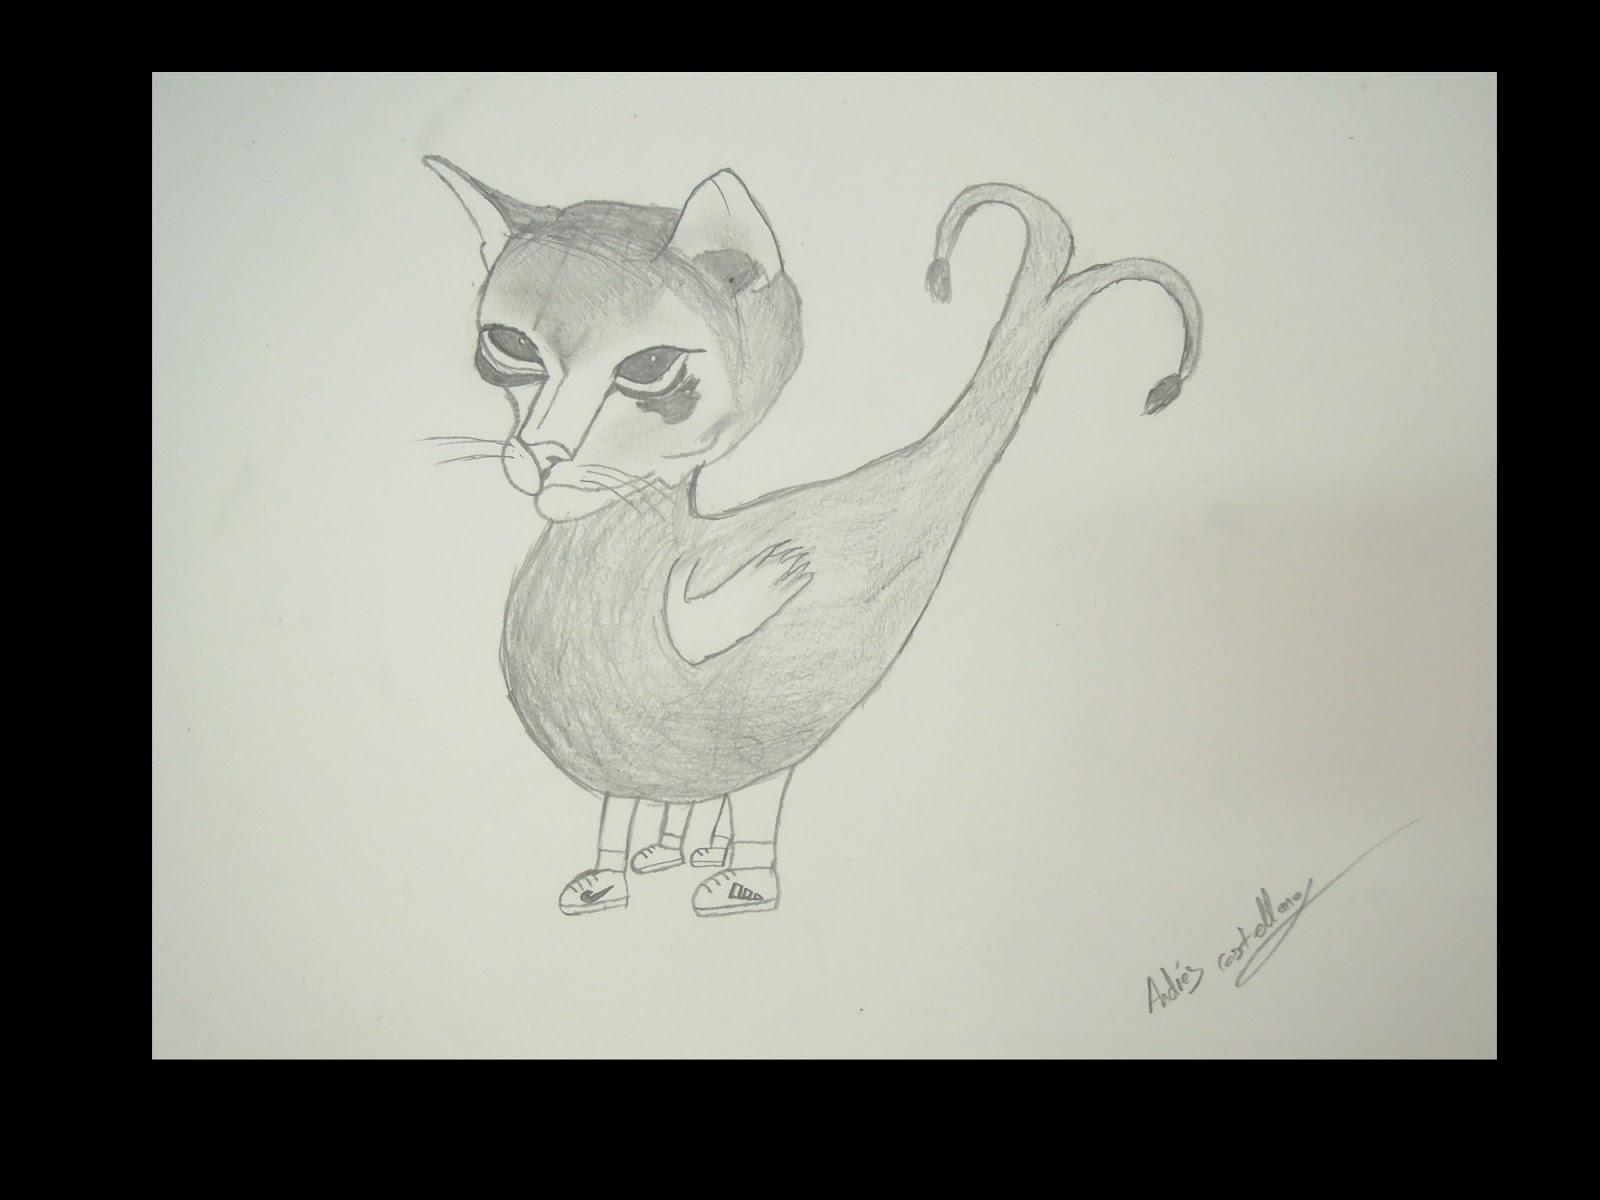 Mesa Y Lapiz Animales Fantasticos En Dibujo Artistico I